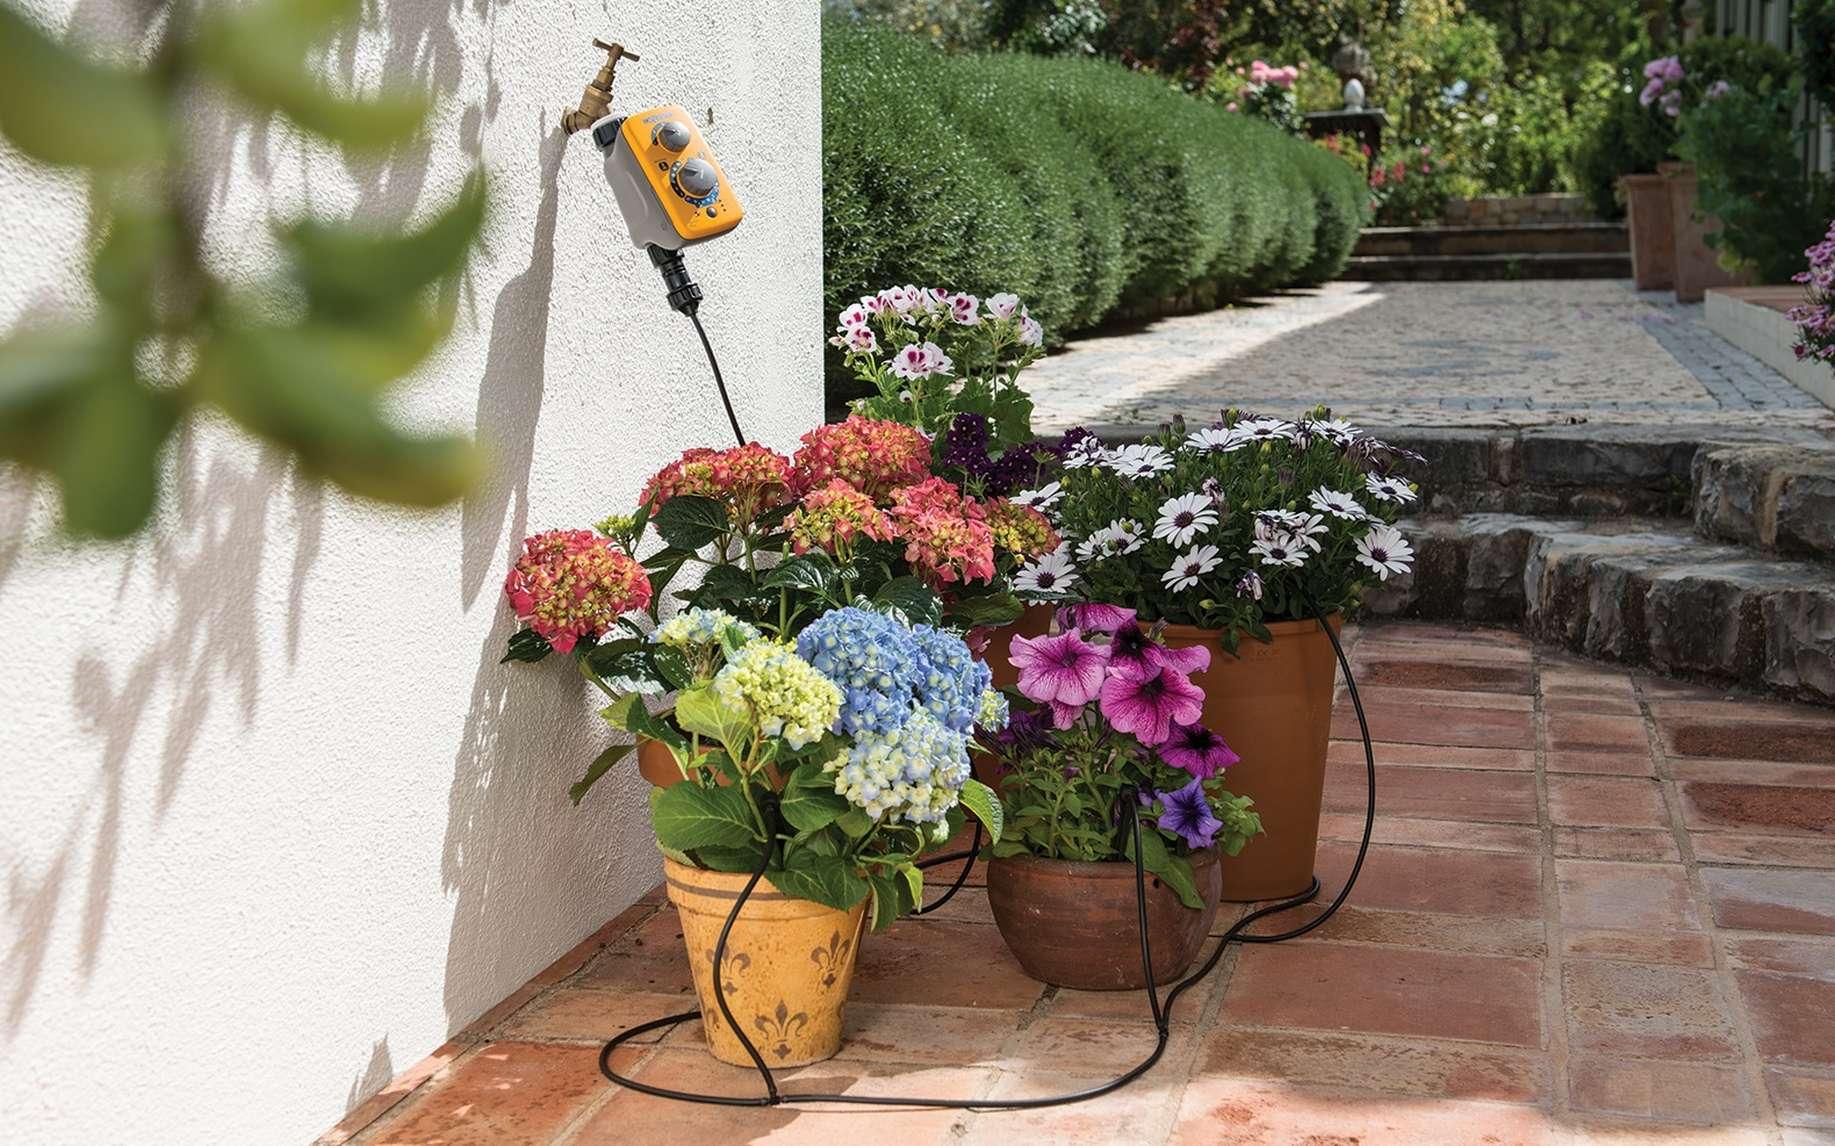 Grâce à la micro-irrigation, s'absenter pendant une longue période ne pose plus de problèmes pour arroser régulièrement les plantes en pots ou les jardinières. Associée à un programmateur, cette technique assure un arrosage des végétaux optimal. ©Hozelock